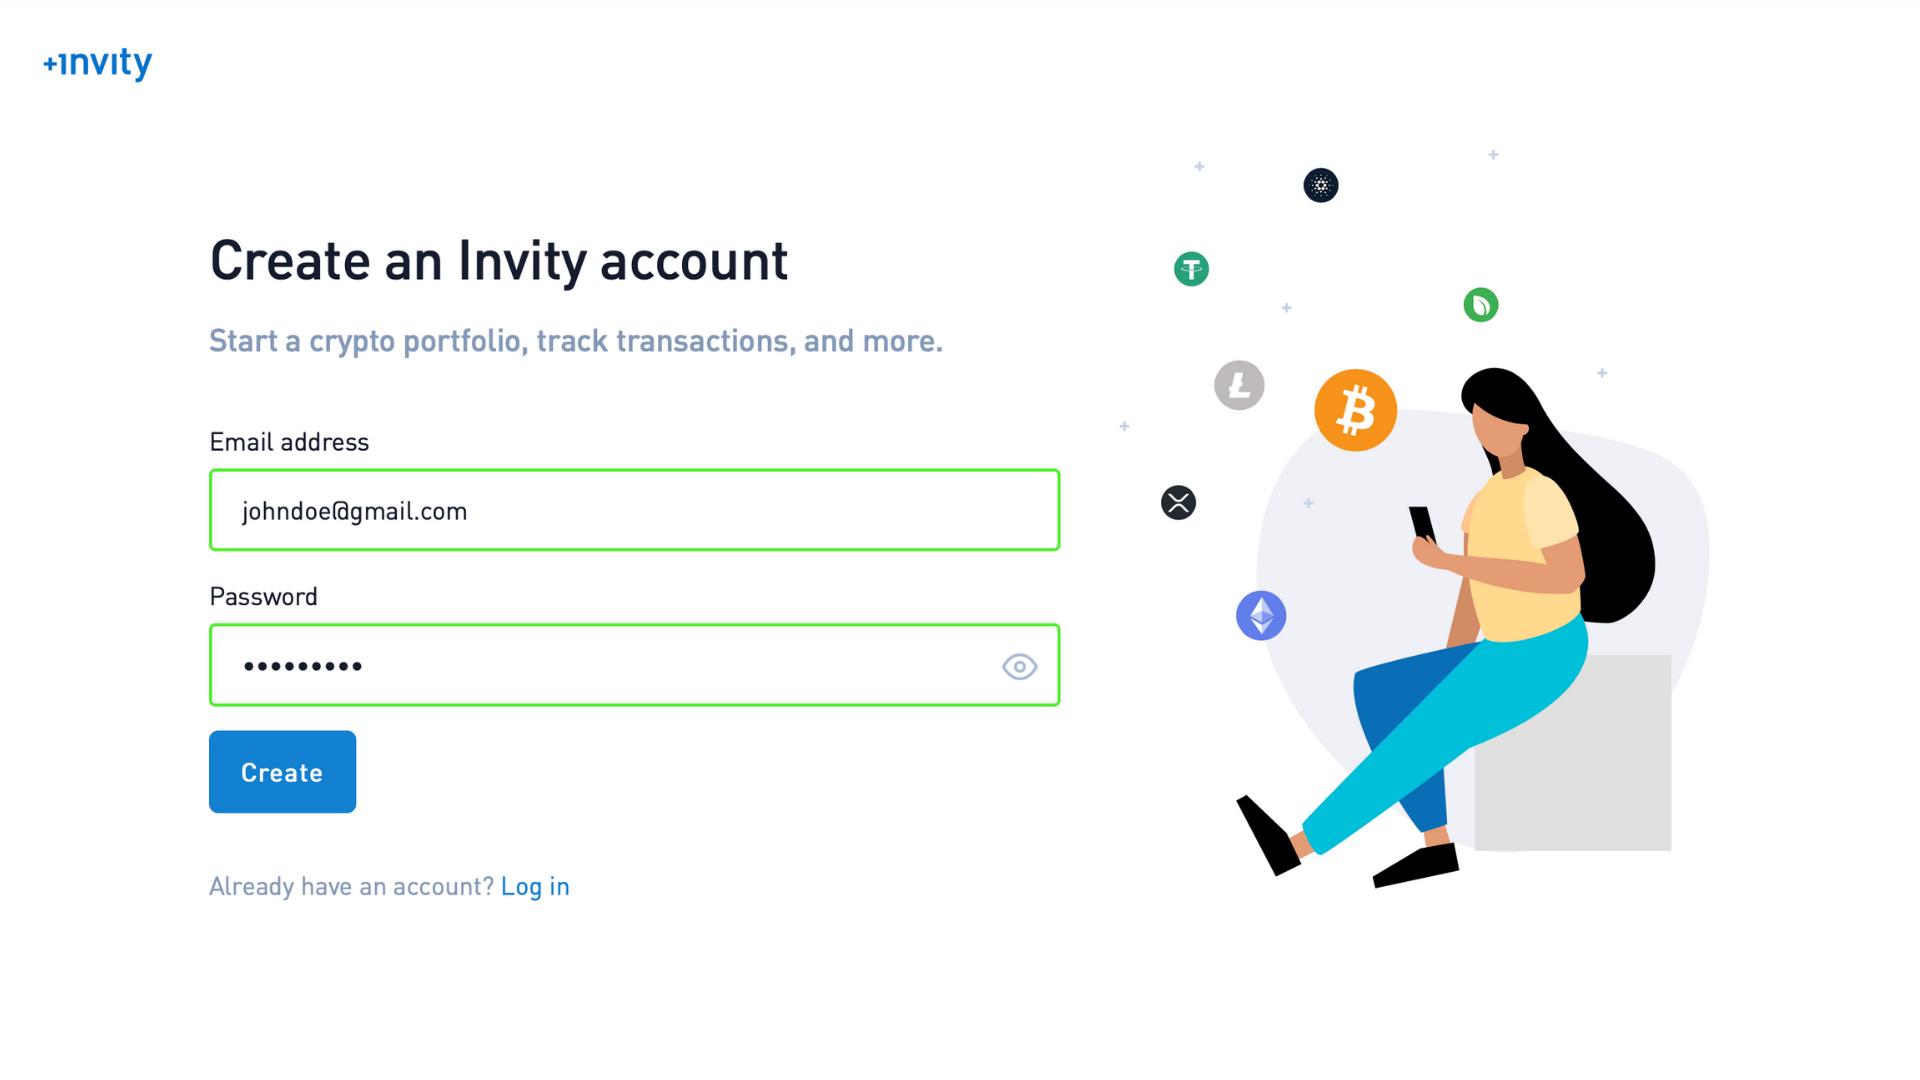 Create a free Invity crypto account